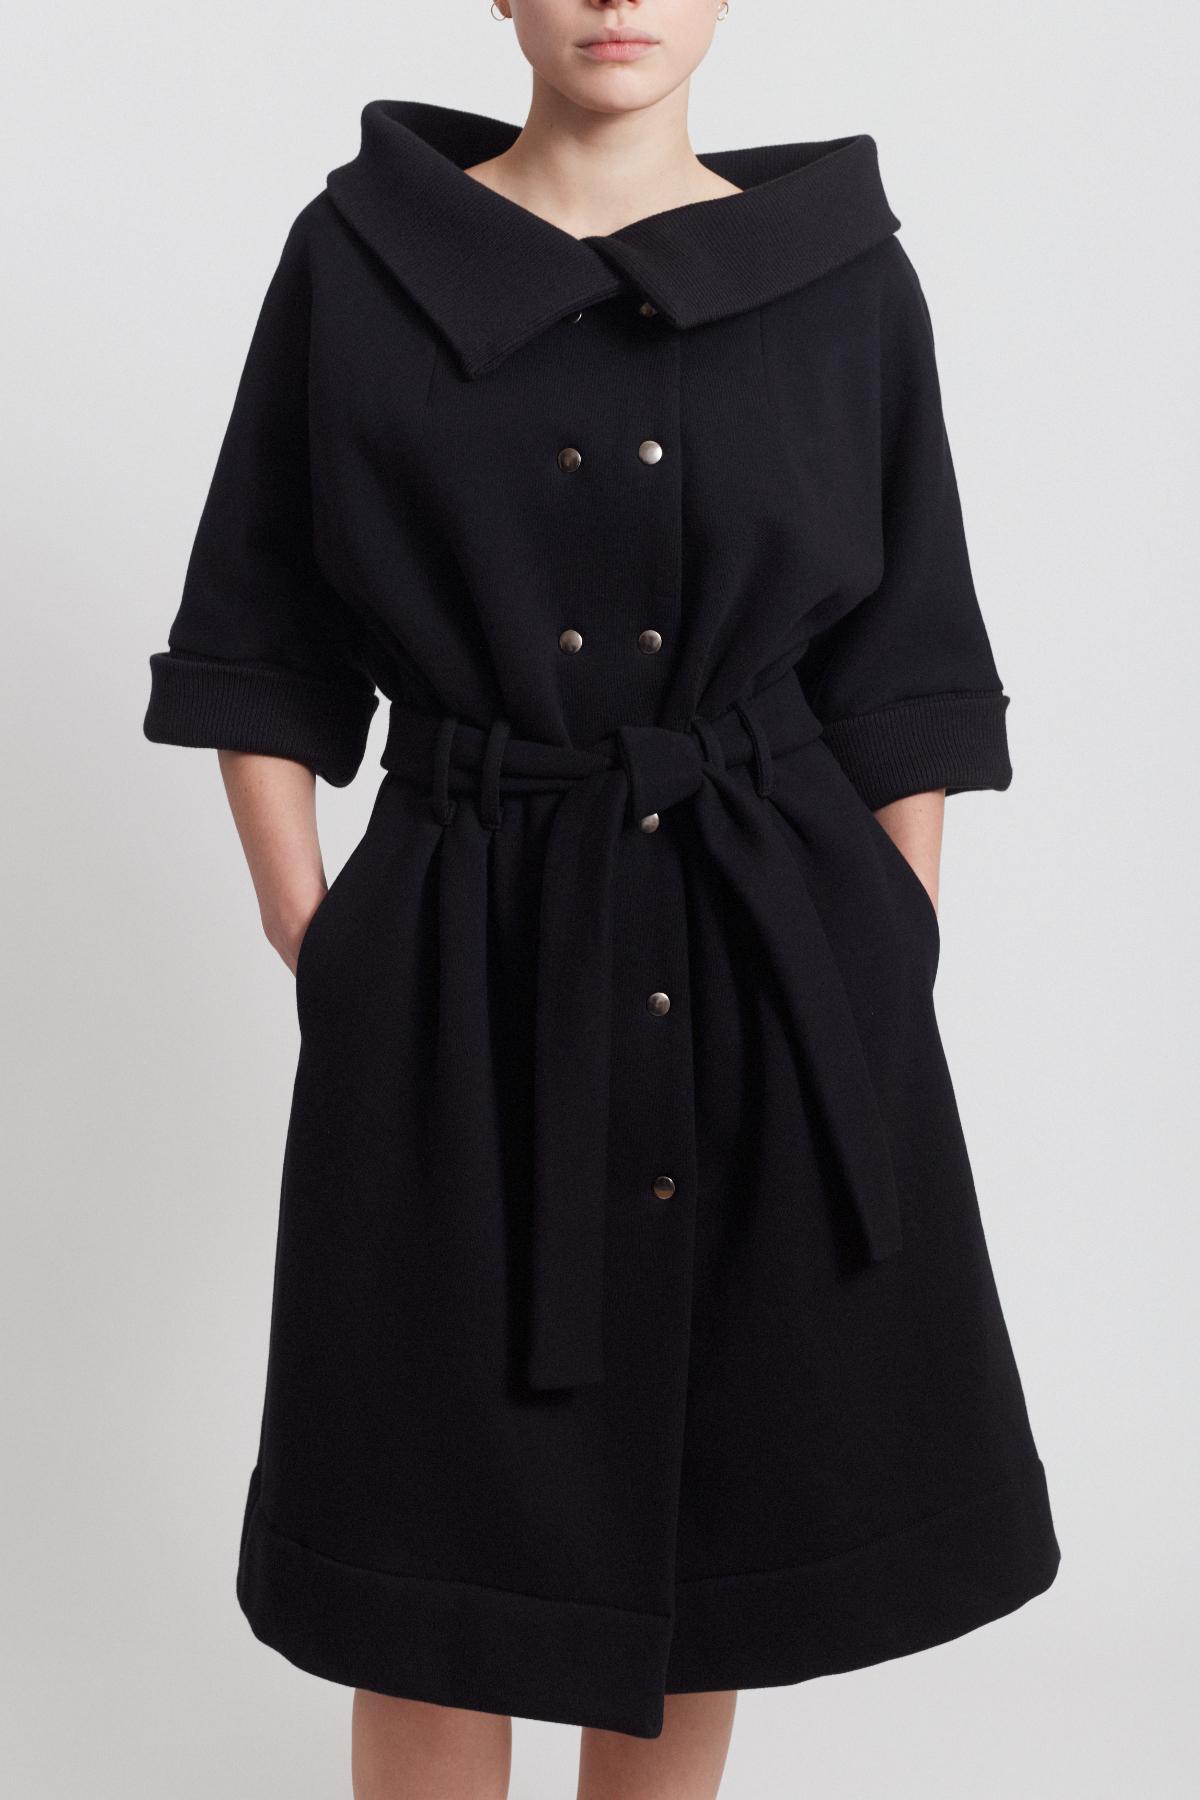 WINTER FELLING DRESS, BLACK